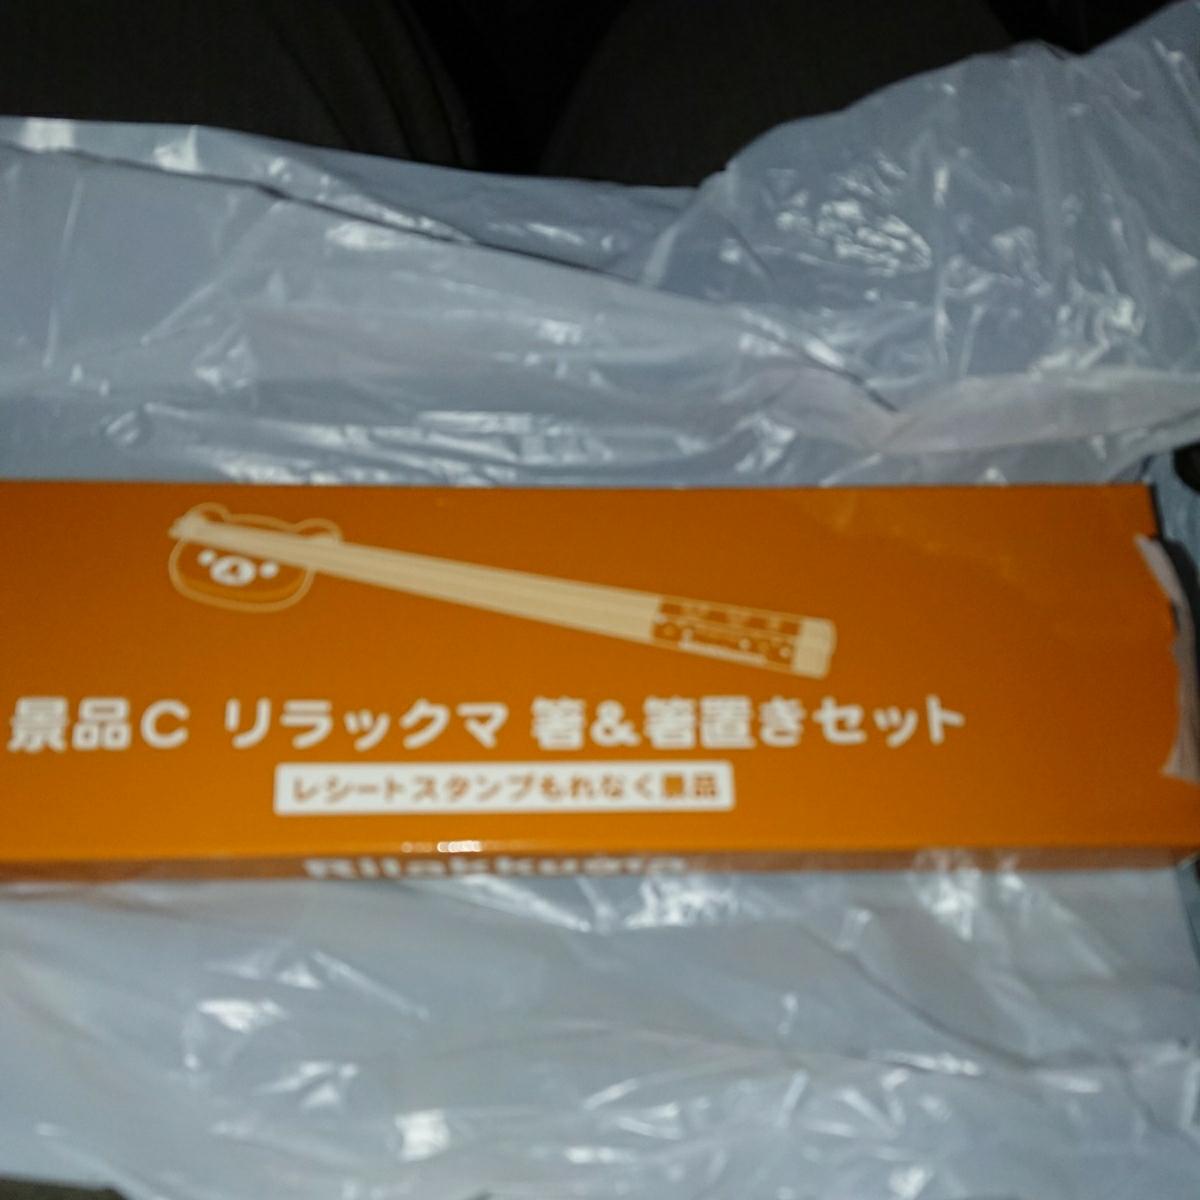 ☆送無☆ ローソン リラックマ 箸と箸置き セット グッズの画像